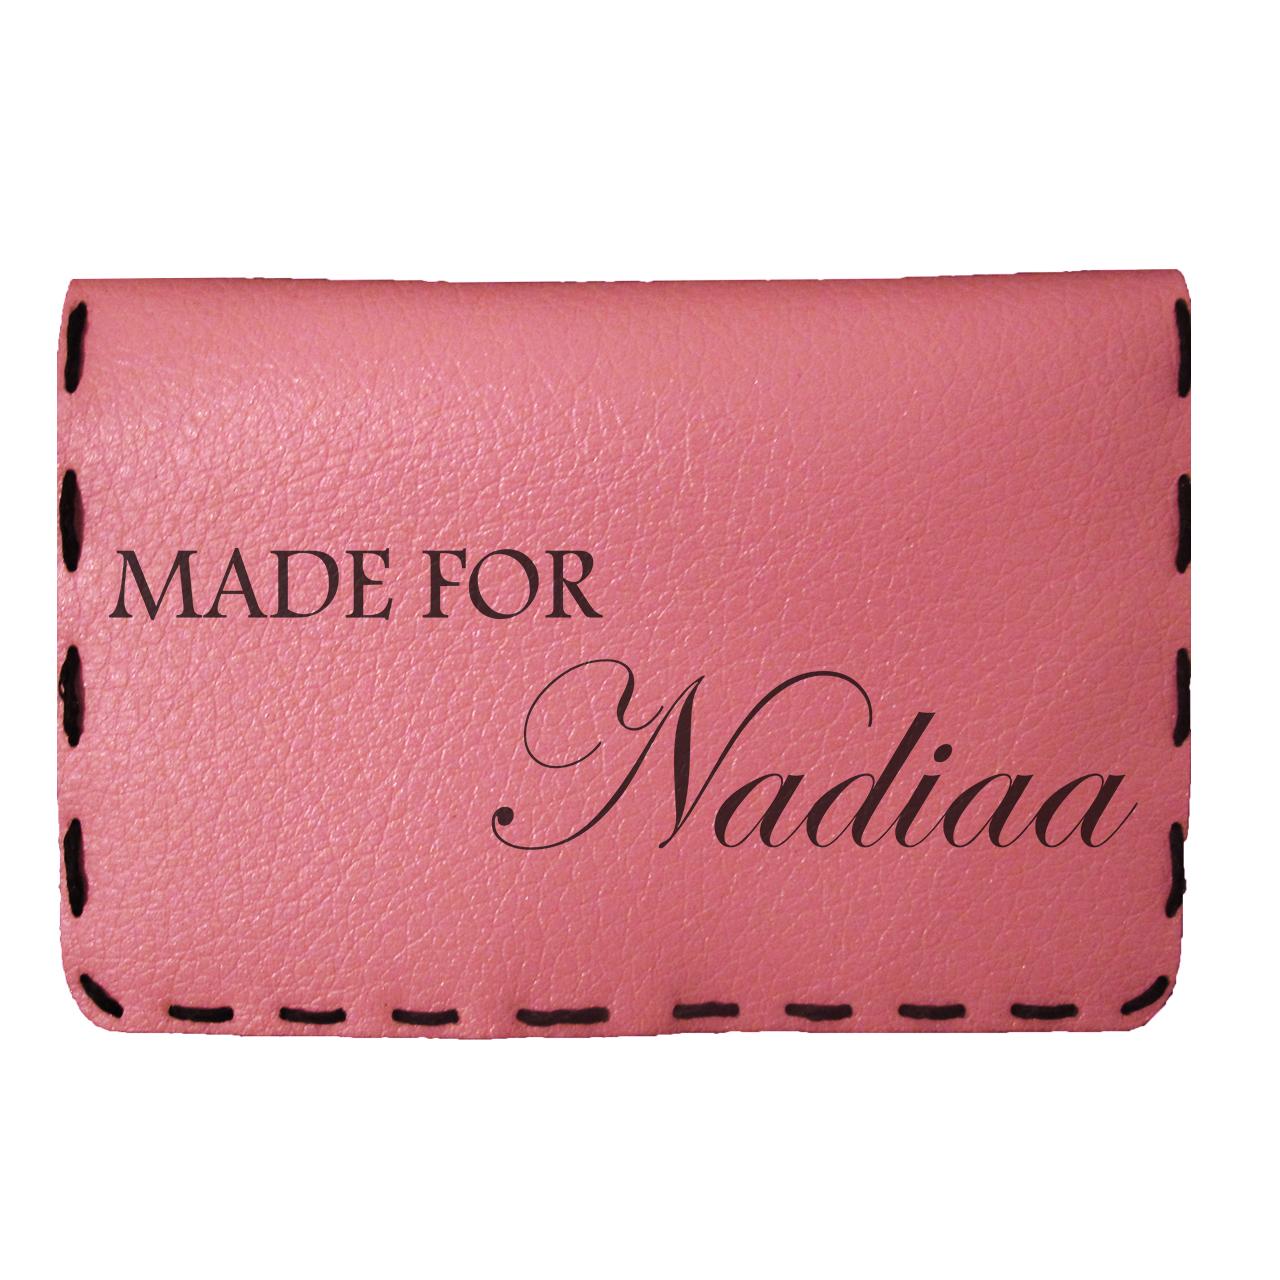 جاکارتی زنانه مدل نادیا کد 43261 -  - 2